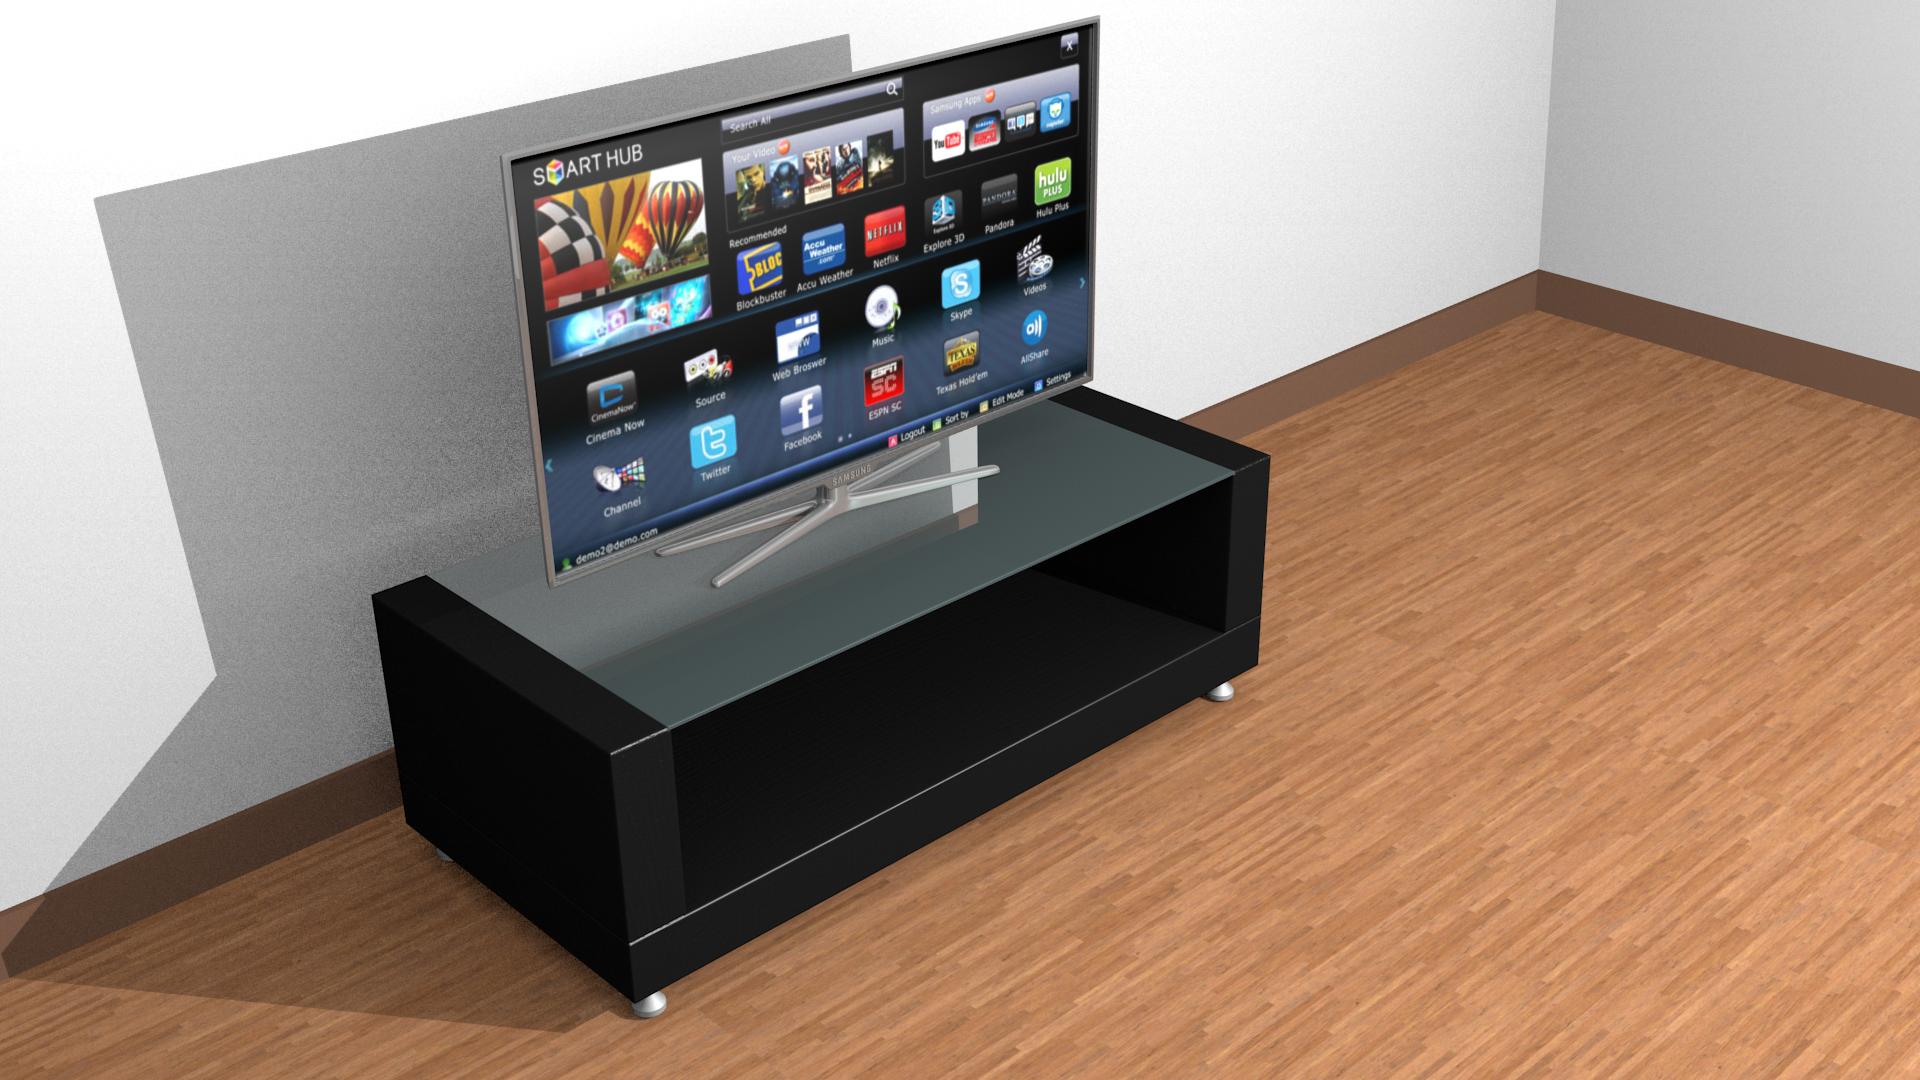 Samsung Smart Tv 3d Model Cgtrader